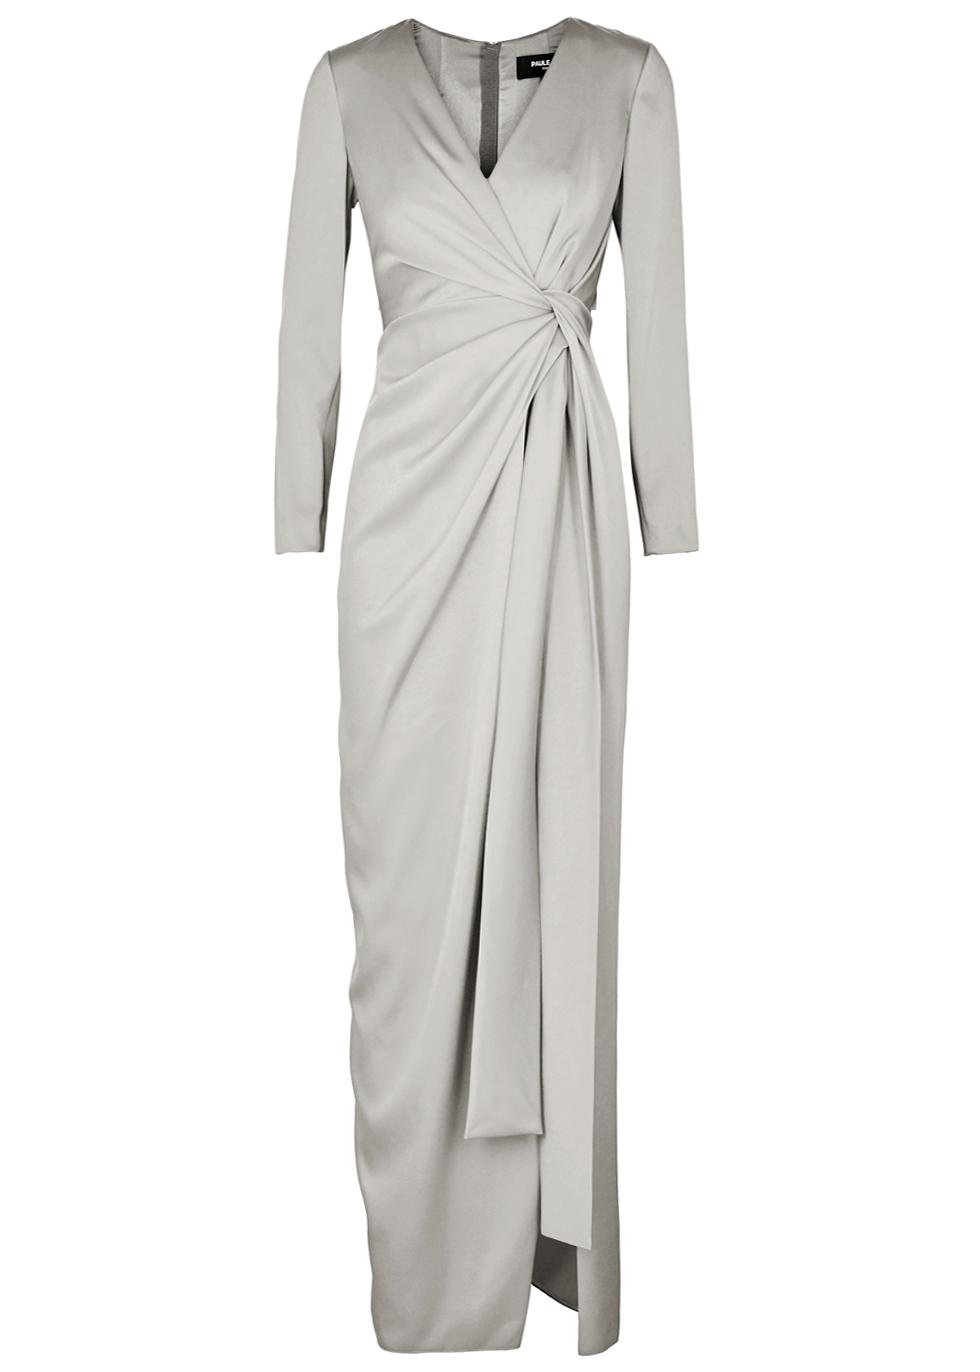 PAULE KA Twist-Detail Satin Gown in Grey